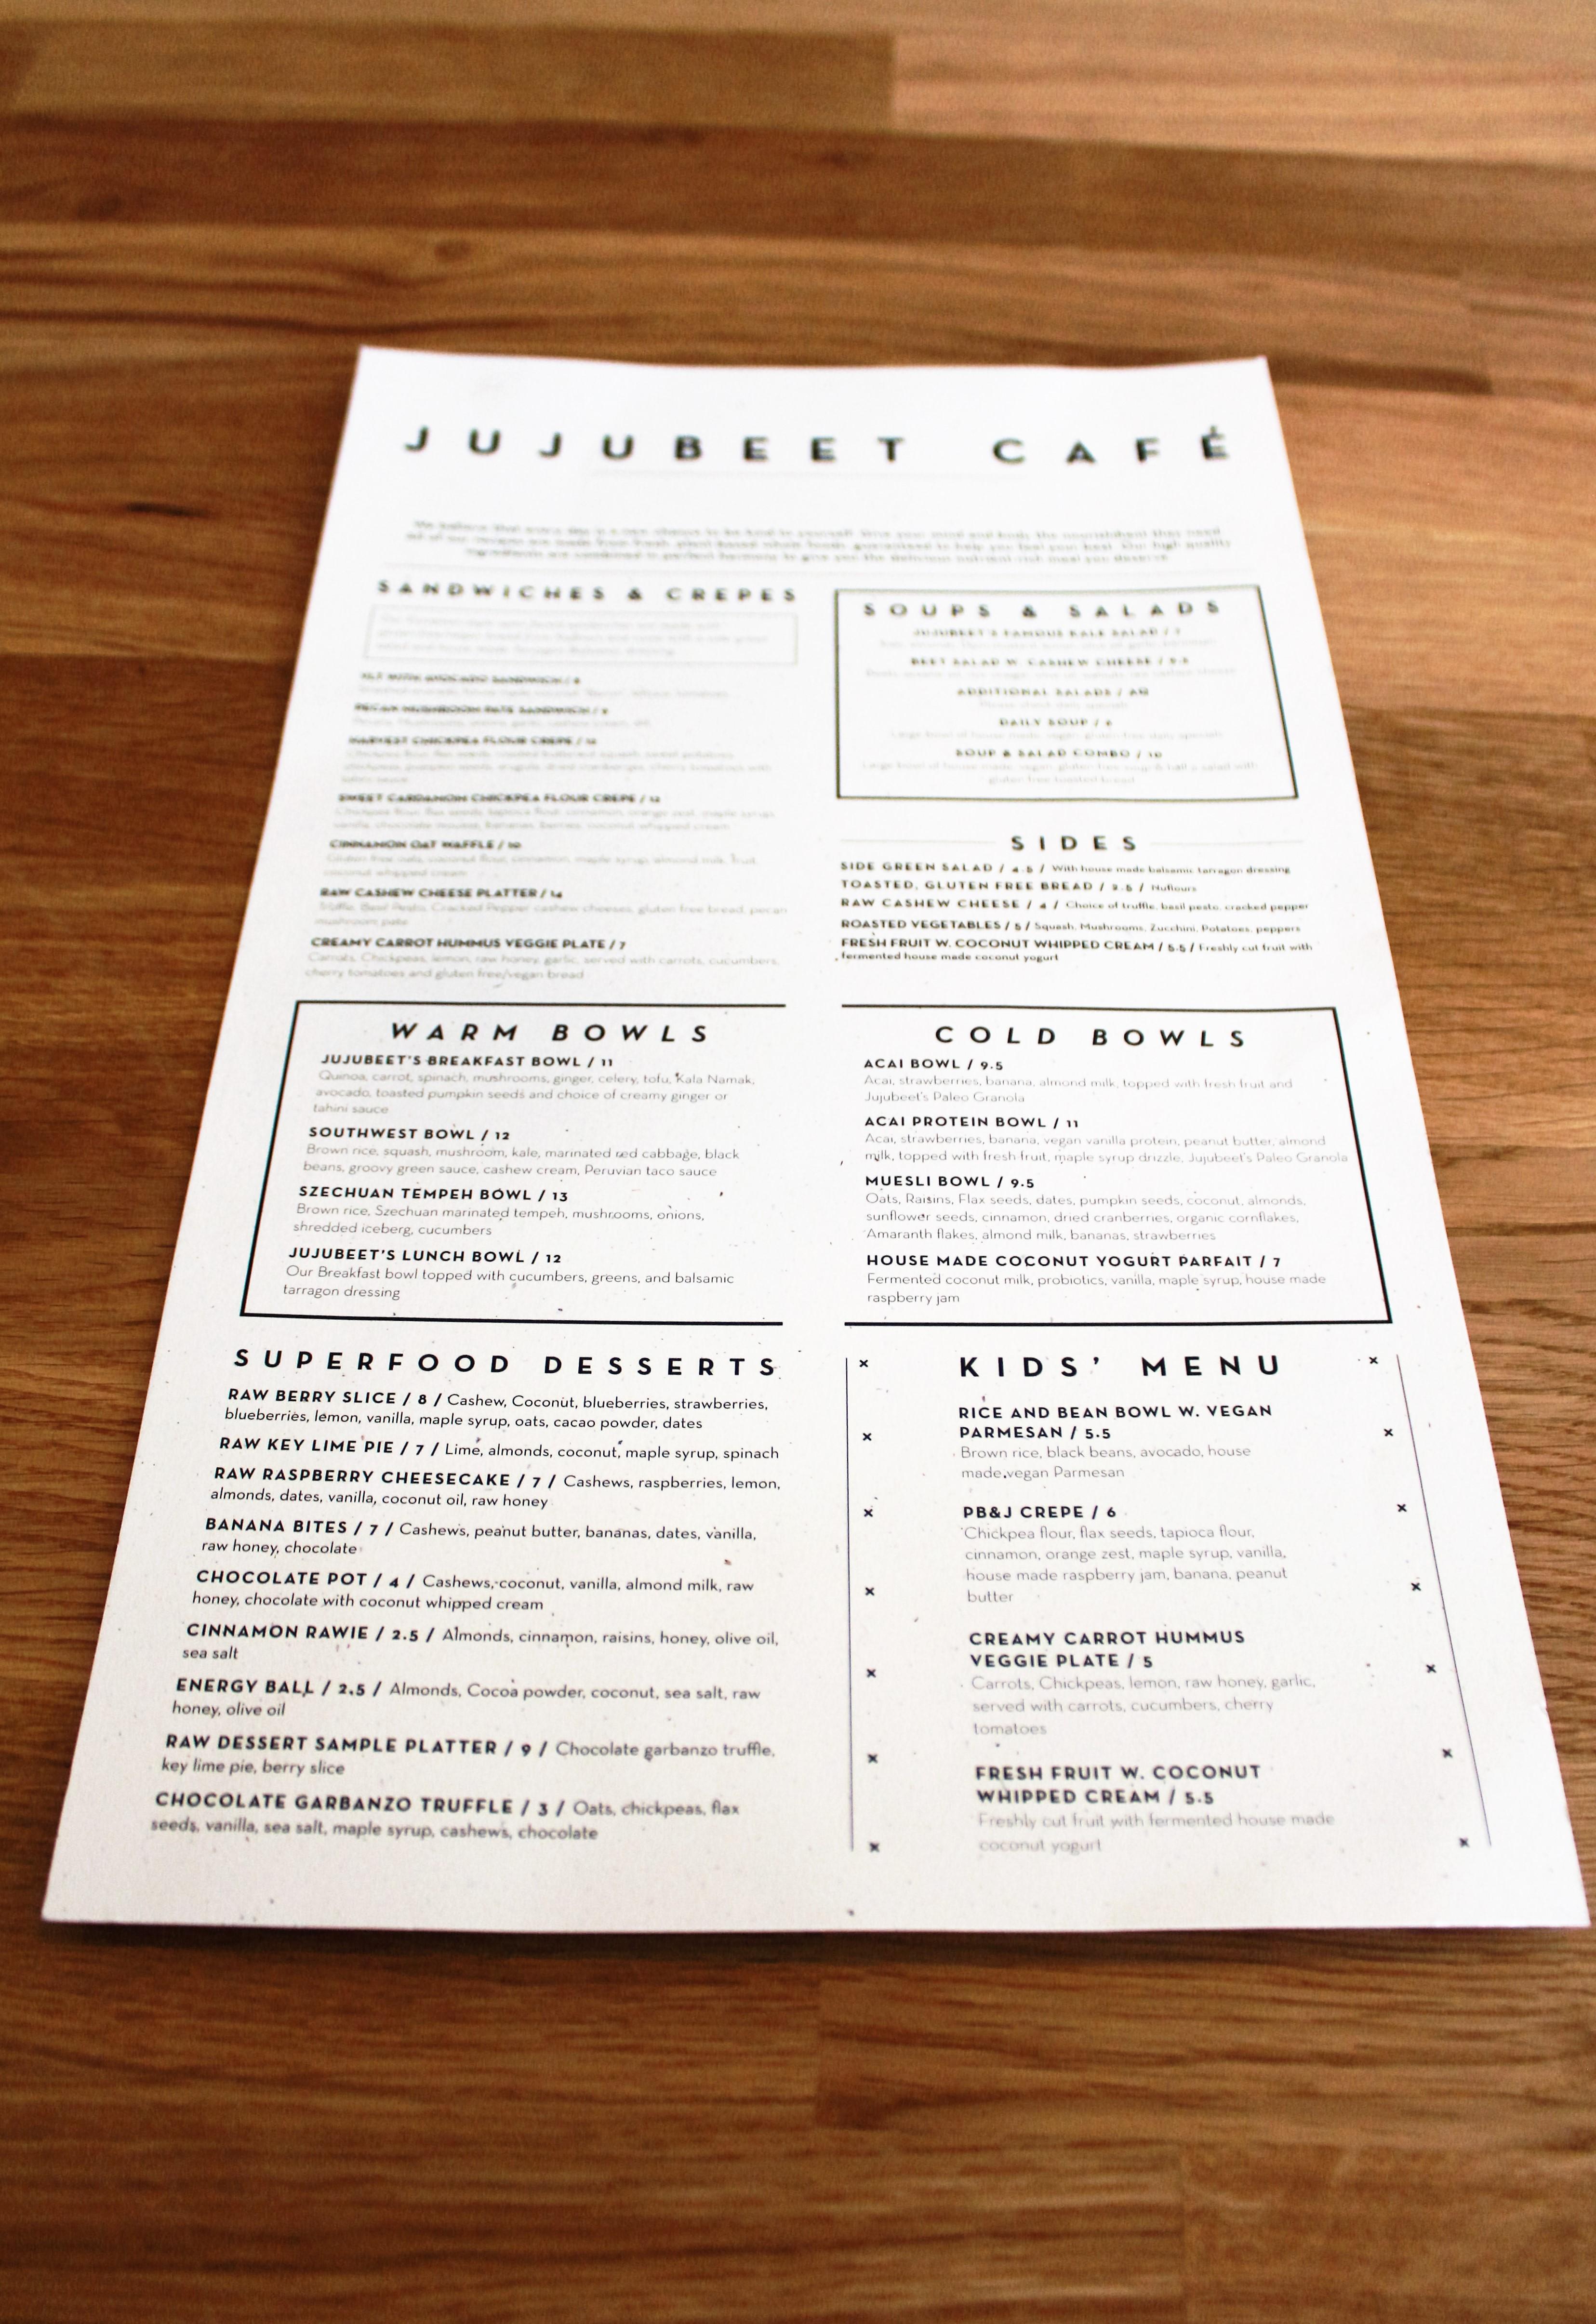 Jujubeet menu